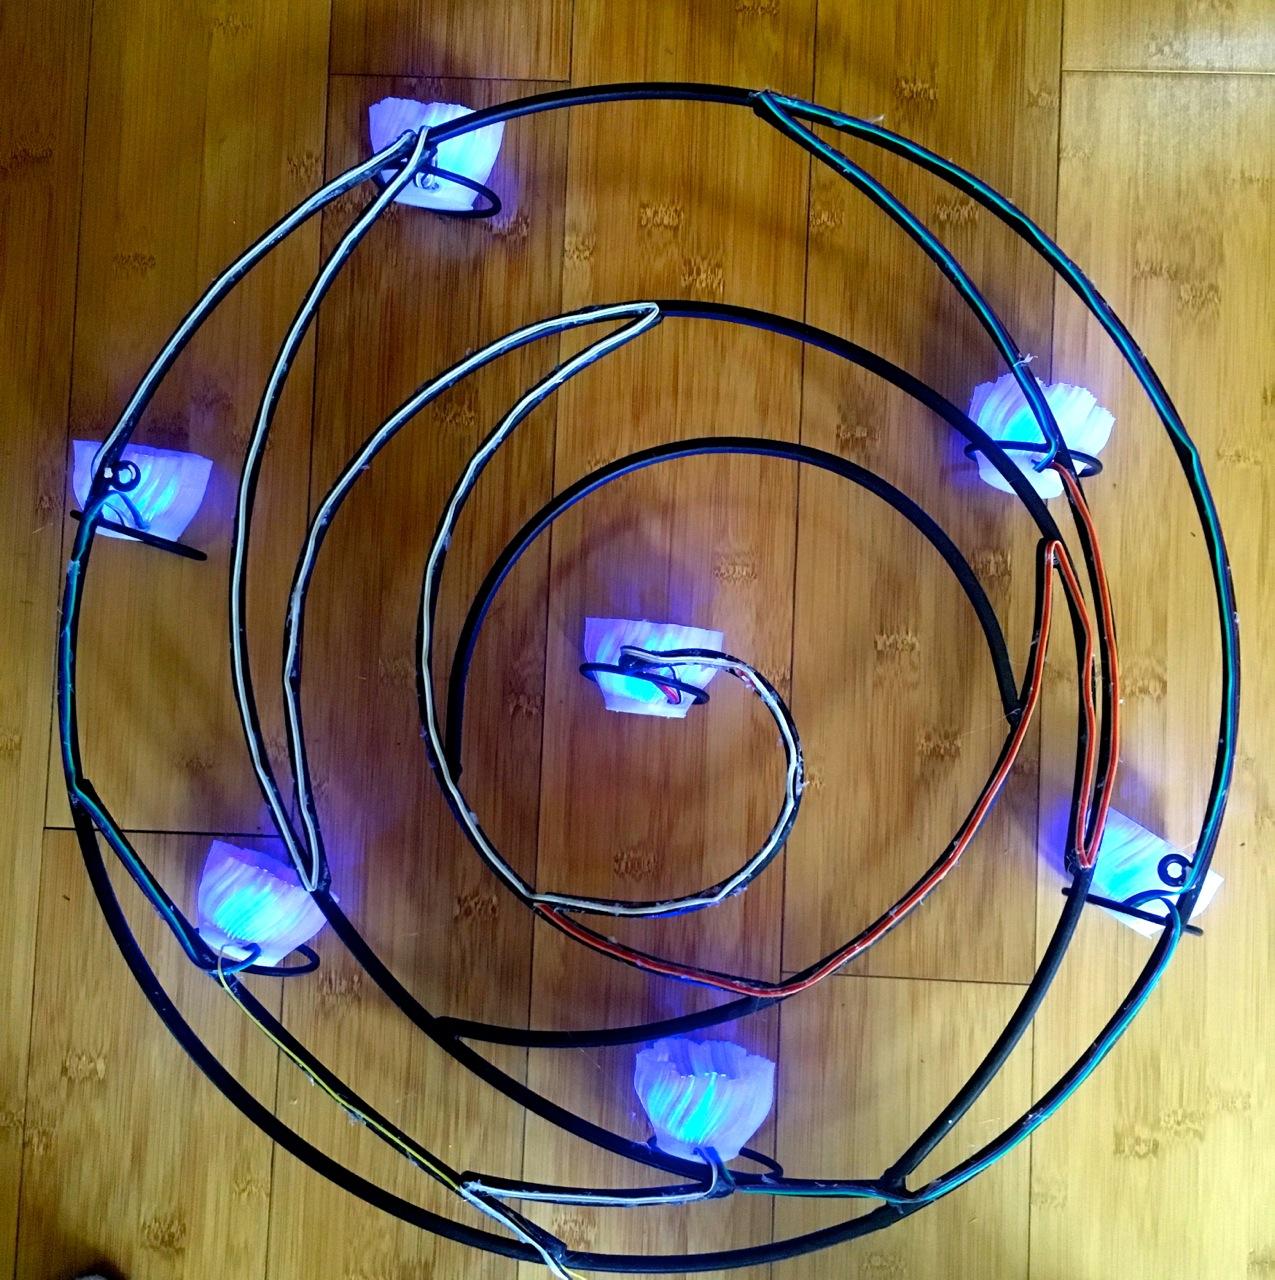 sensors_hidden_wiring.jpg